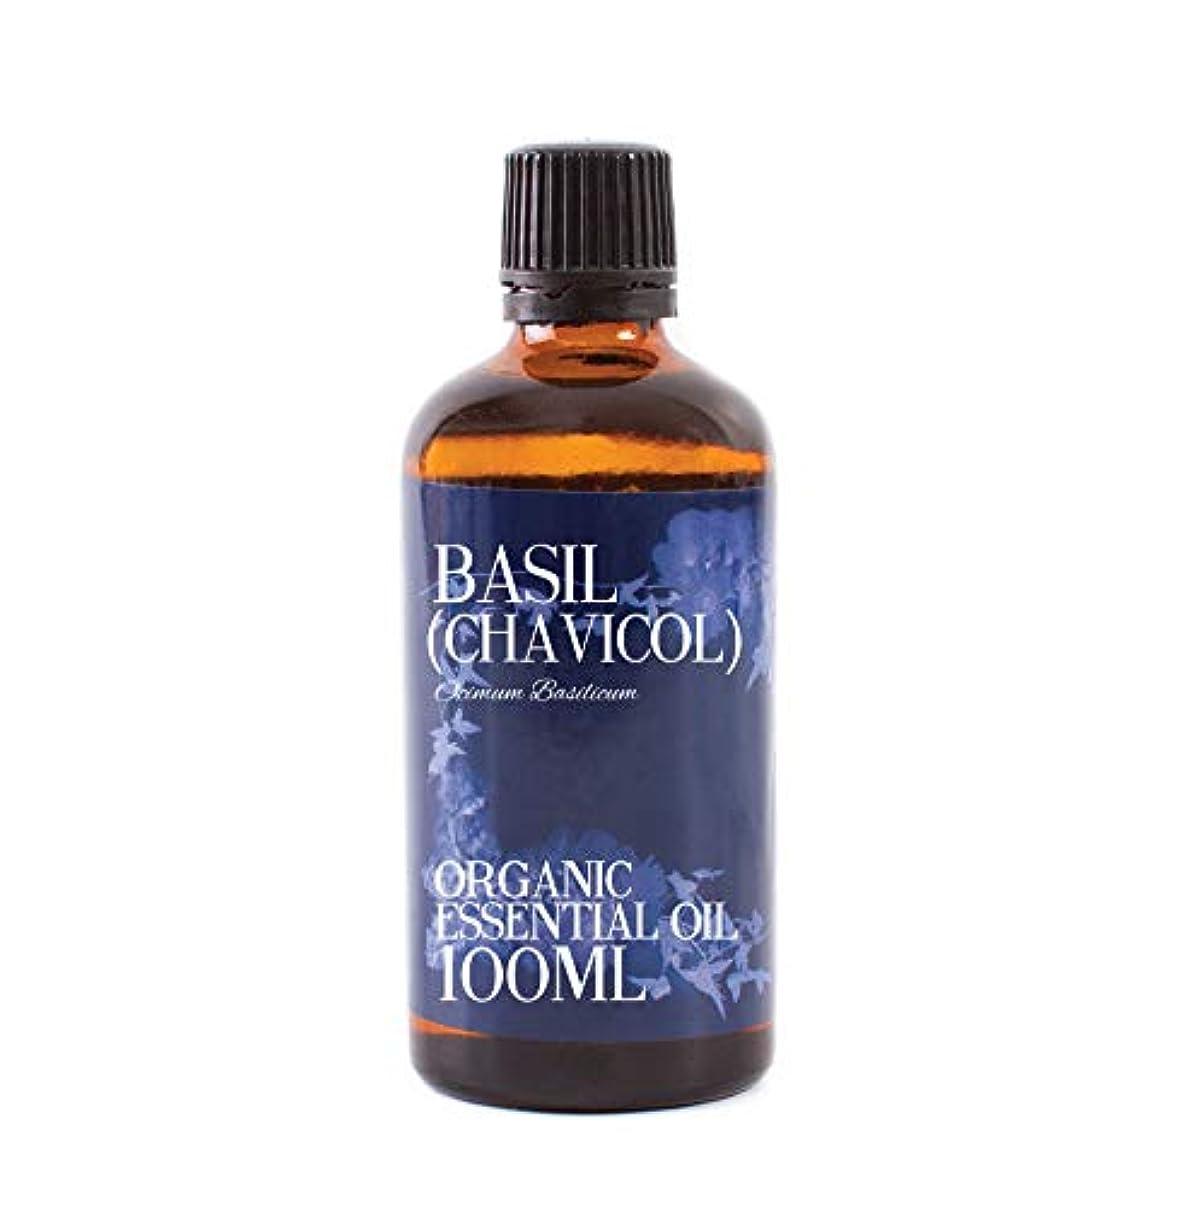 トリクル流す元気Mystic Moments | Basil (Chavicol) Organic Essential Oil - 100ml - 100% Pure